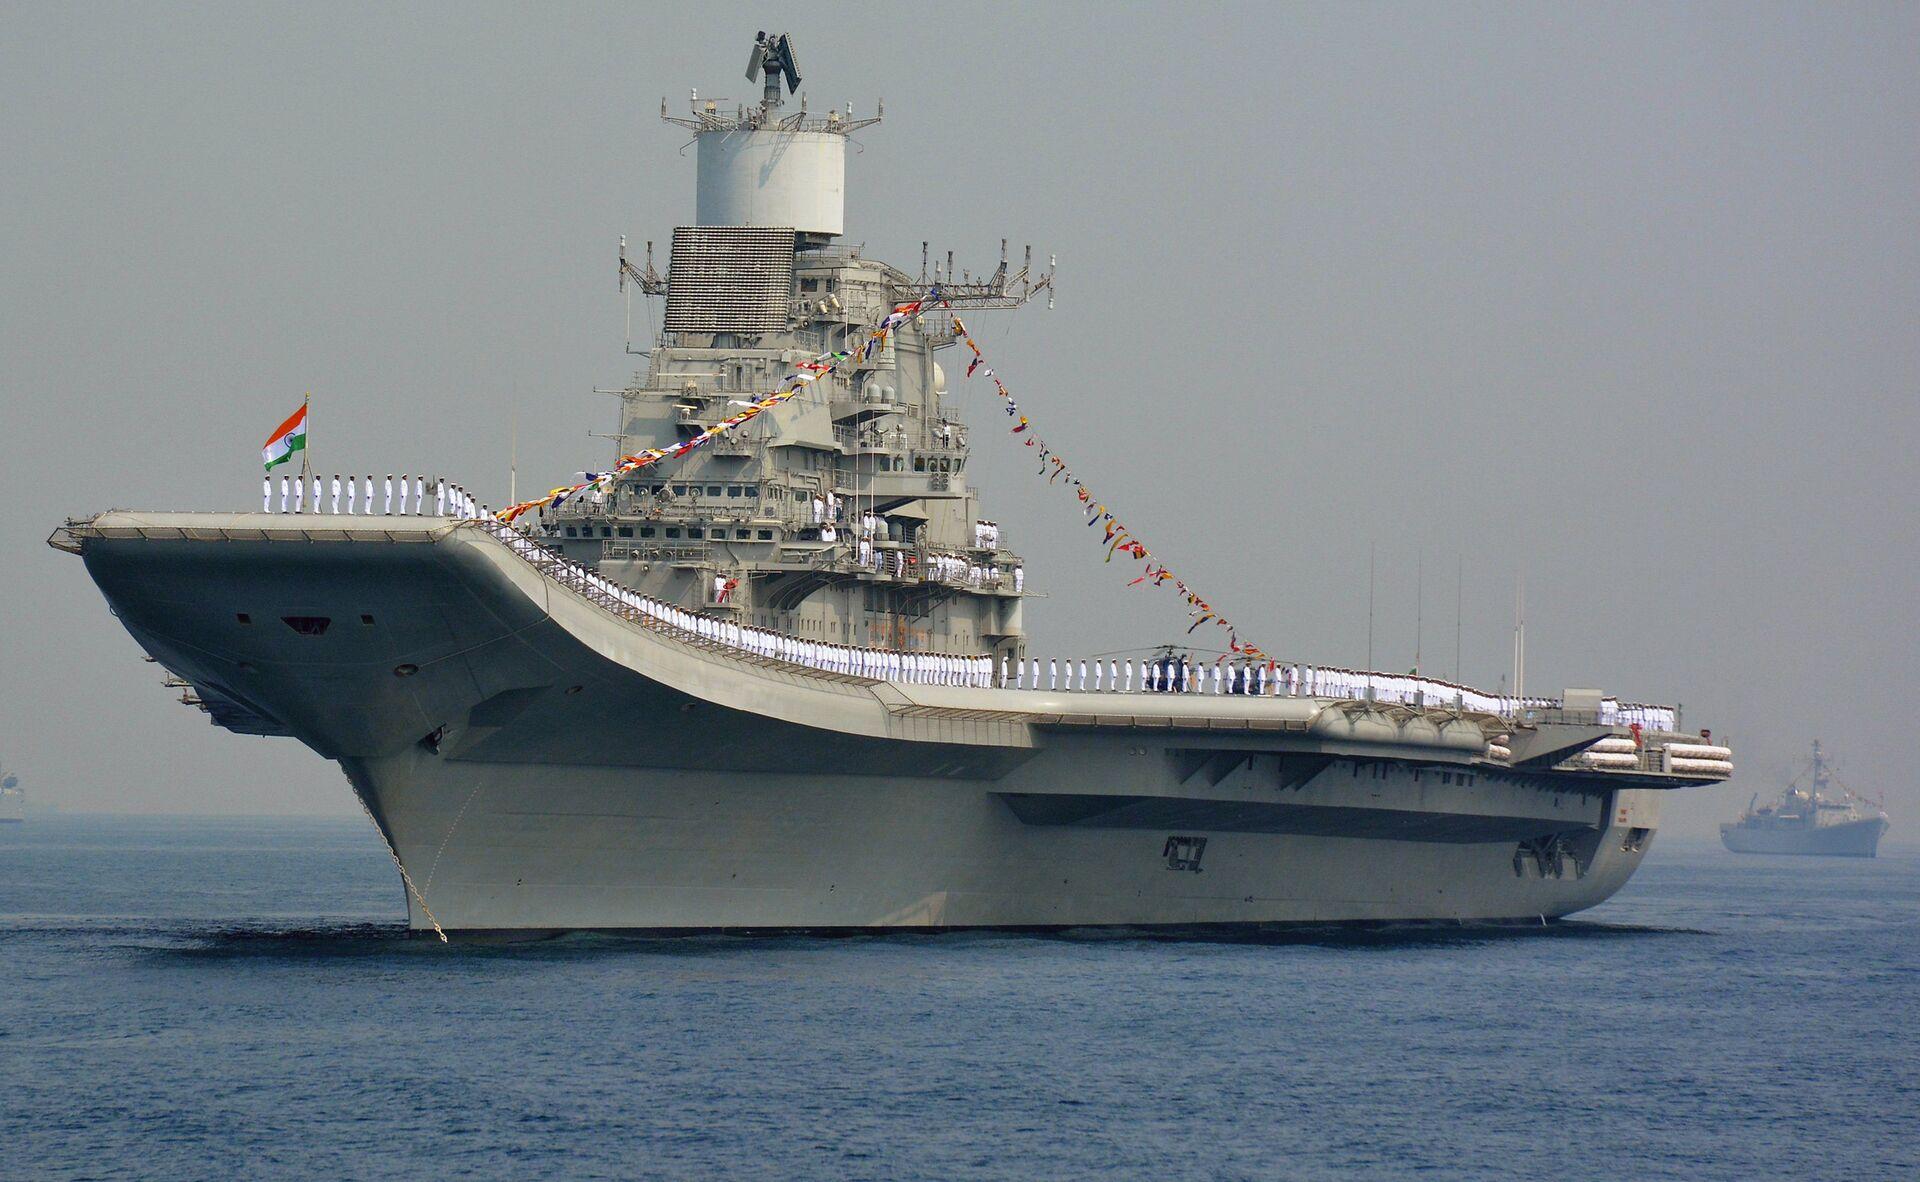 Ấn Độ cần đến 6 tàu ngầm hạt nhân và căn cứ quân sự ở Mauritius để làm gì? - Sputnik Việt Nam, 1920, 28.05.2021